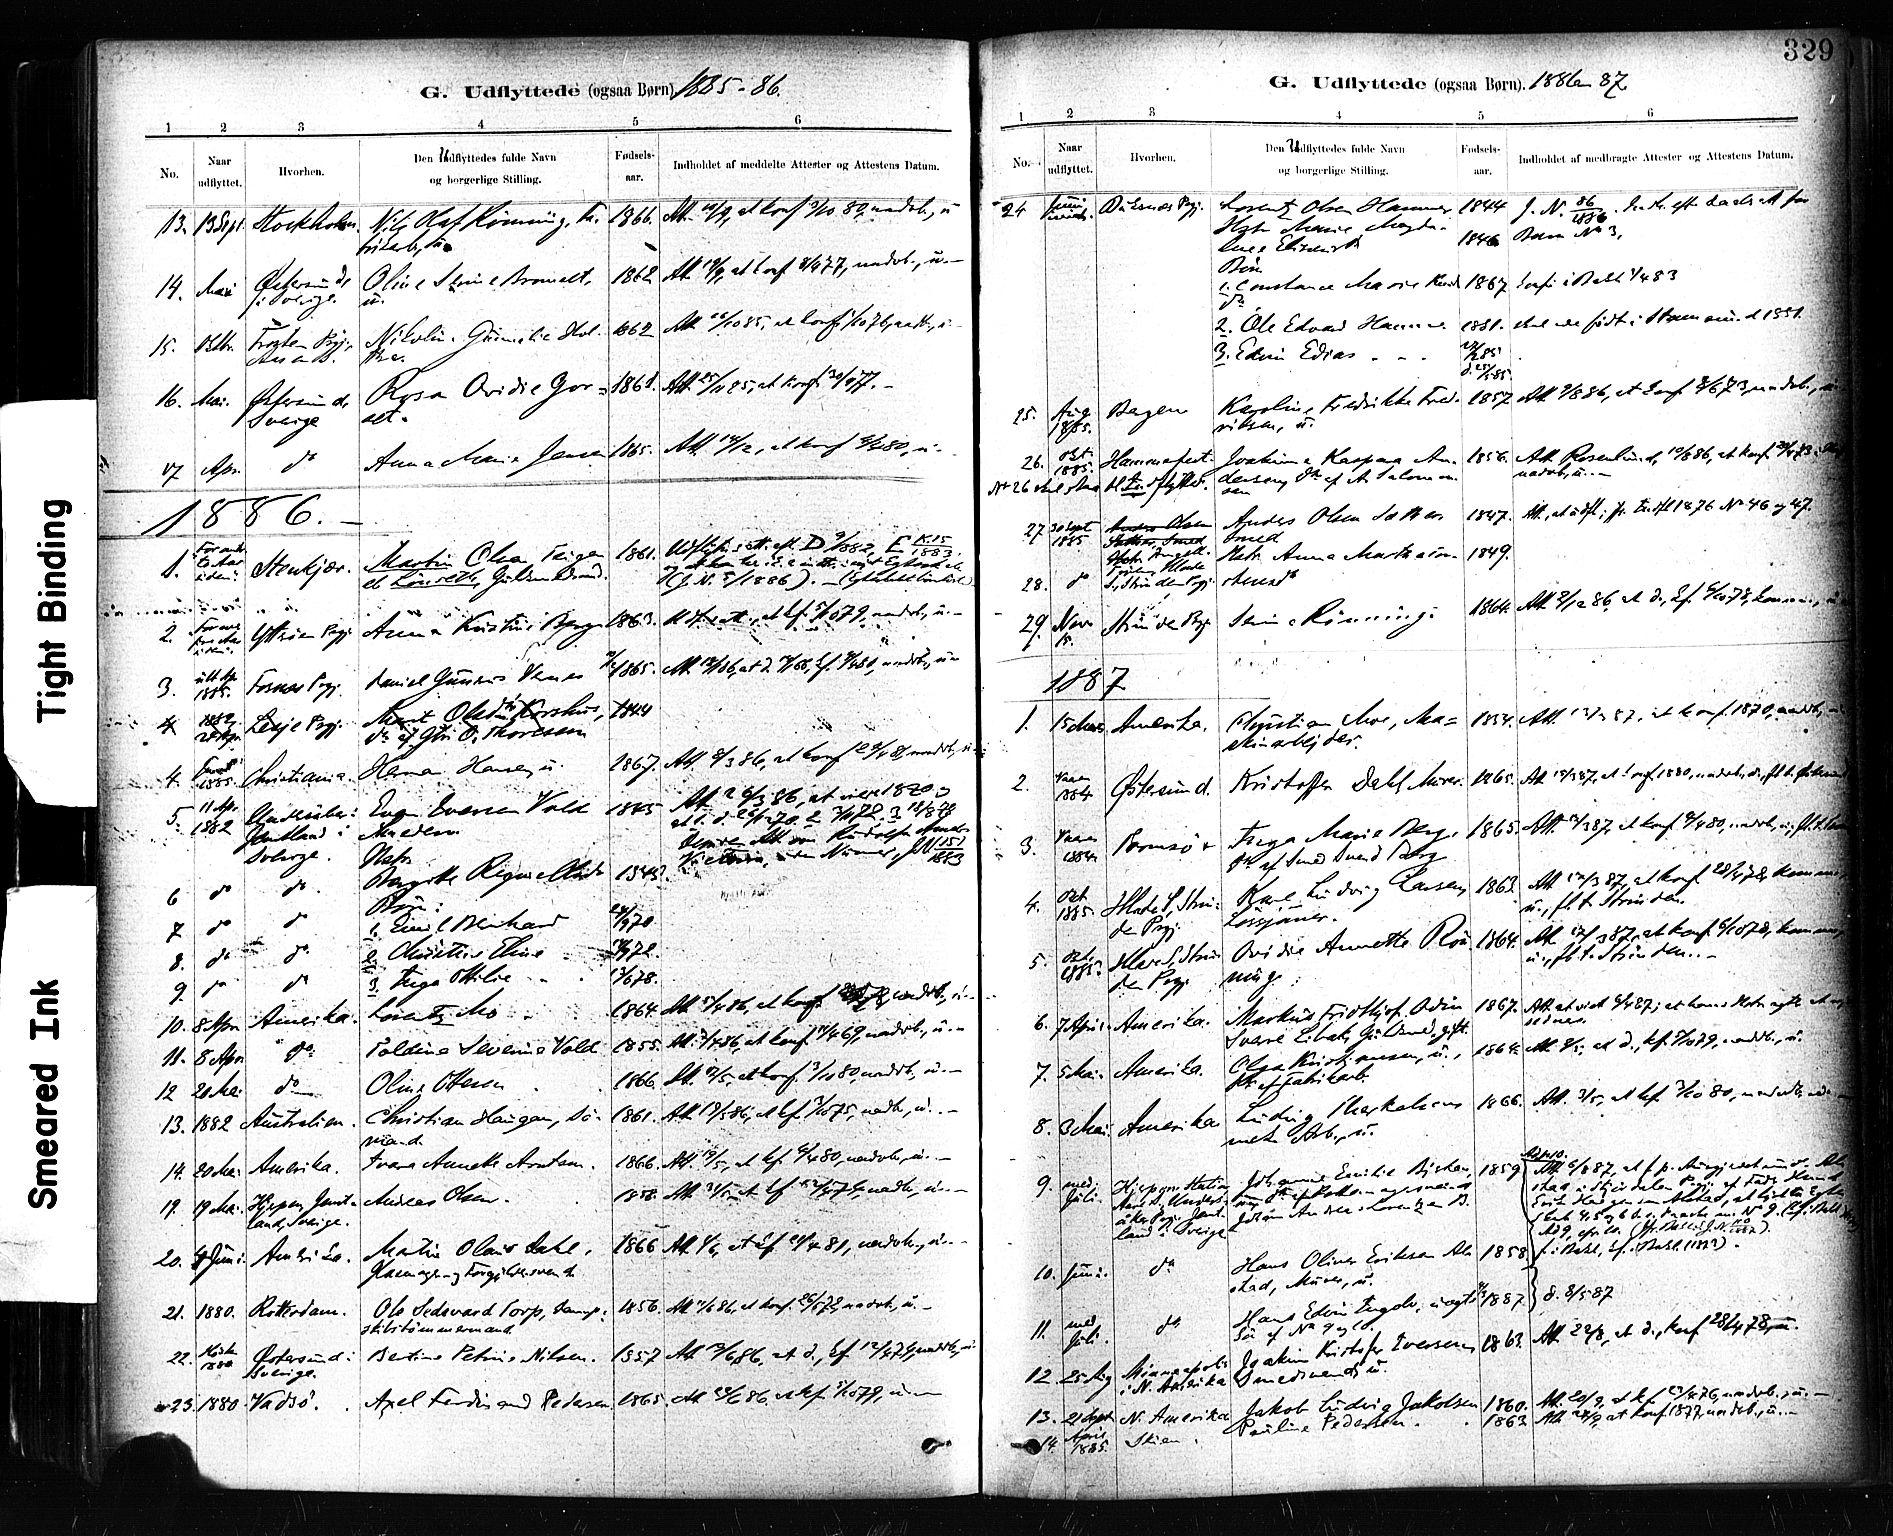 SAT, Ministerialprotokoller, klokkerbøker og fødselsregistre - Sør-Trøndelag, 604/L0189: Ministerialbok nr. 604A10, 1878-1892, s. 329